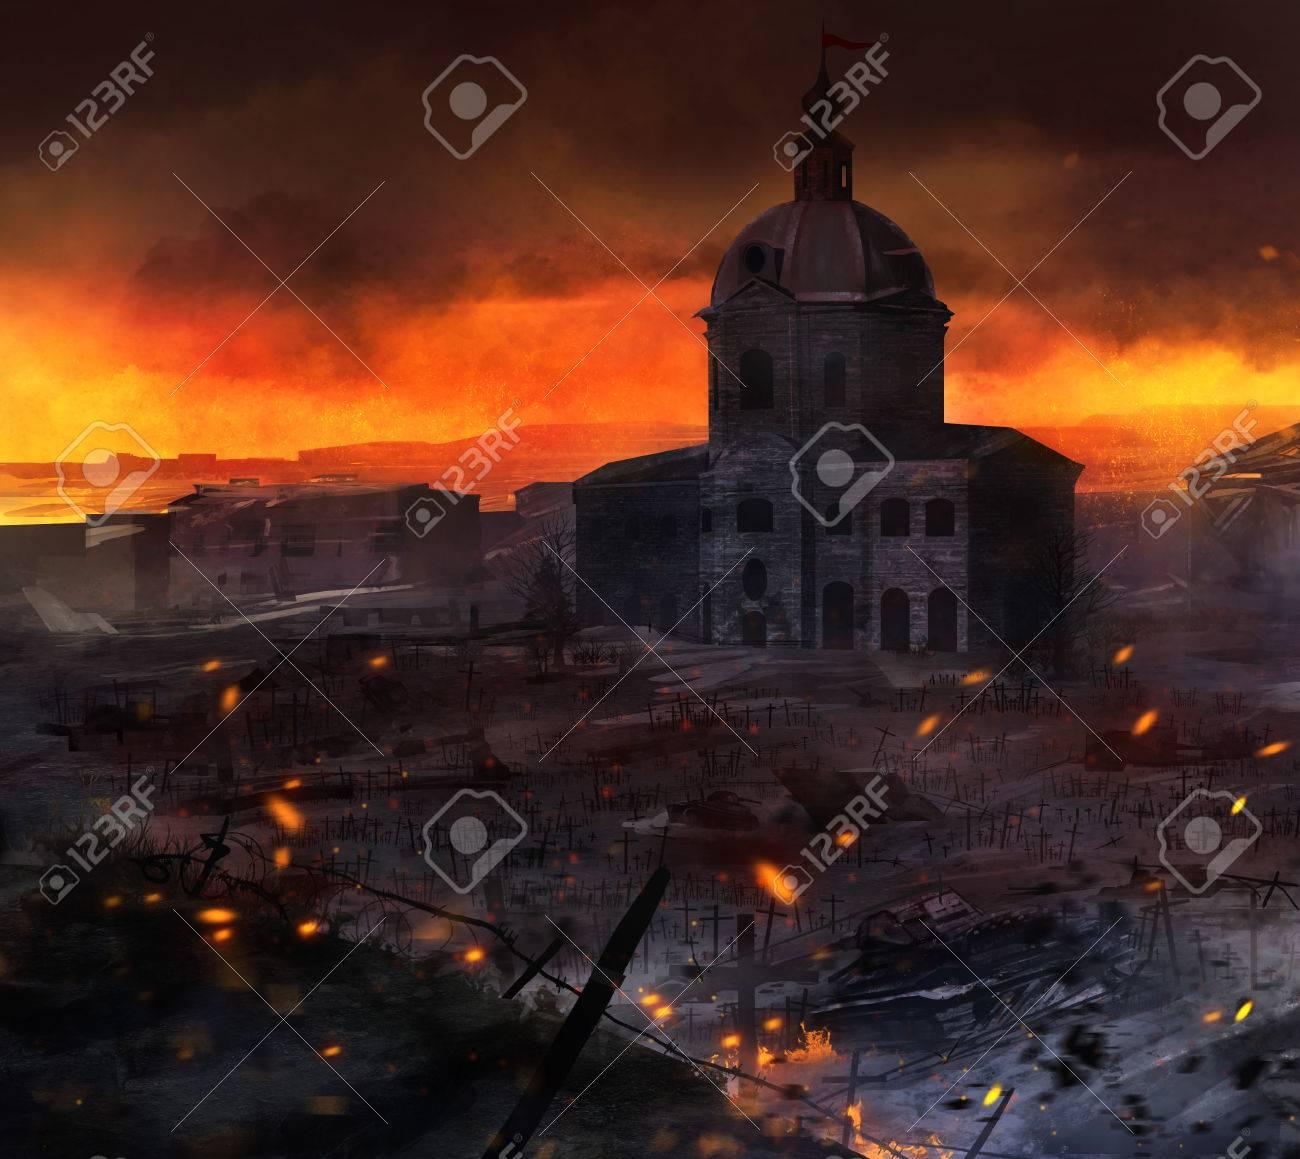 戦争フィールド アート。タンク、教会・墓とイラスト投稿の戦闘シーン